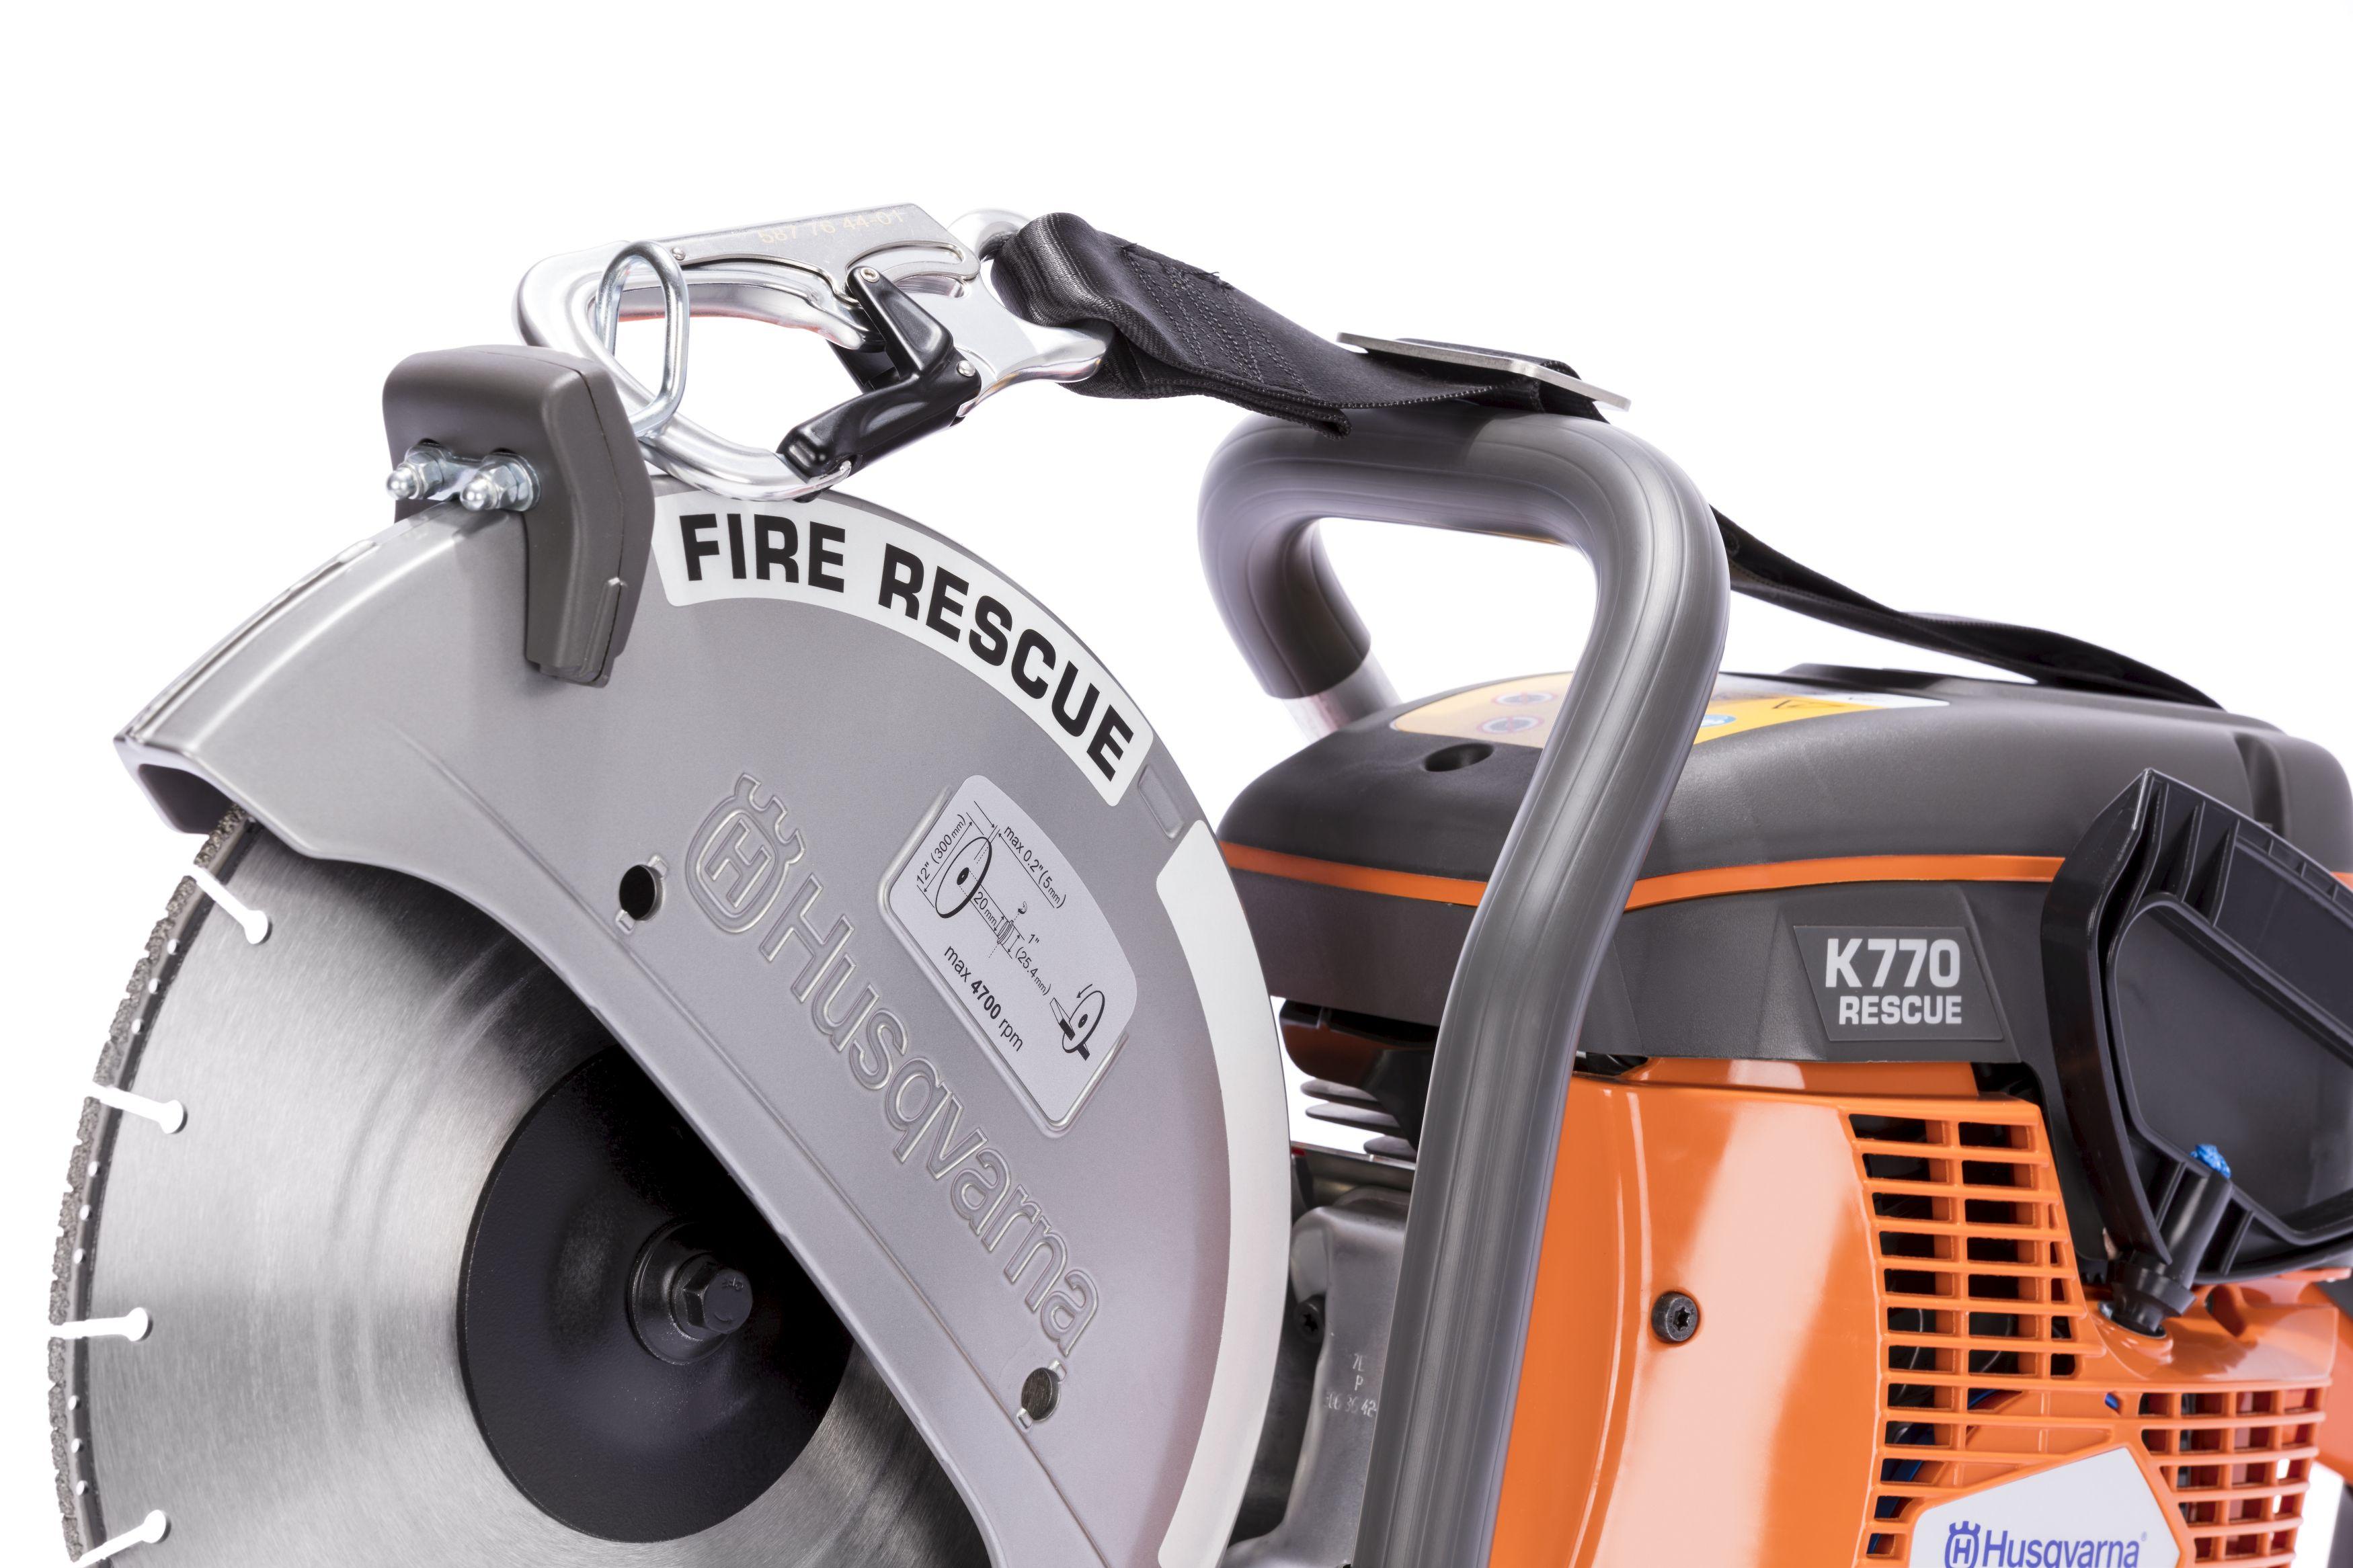 """Oranžs Husqvarna spēka zāģis, modelis """"K 770 Rescue'', skats no priekšas kreisās puses"""